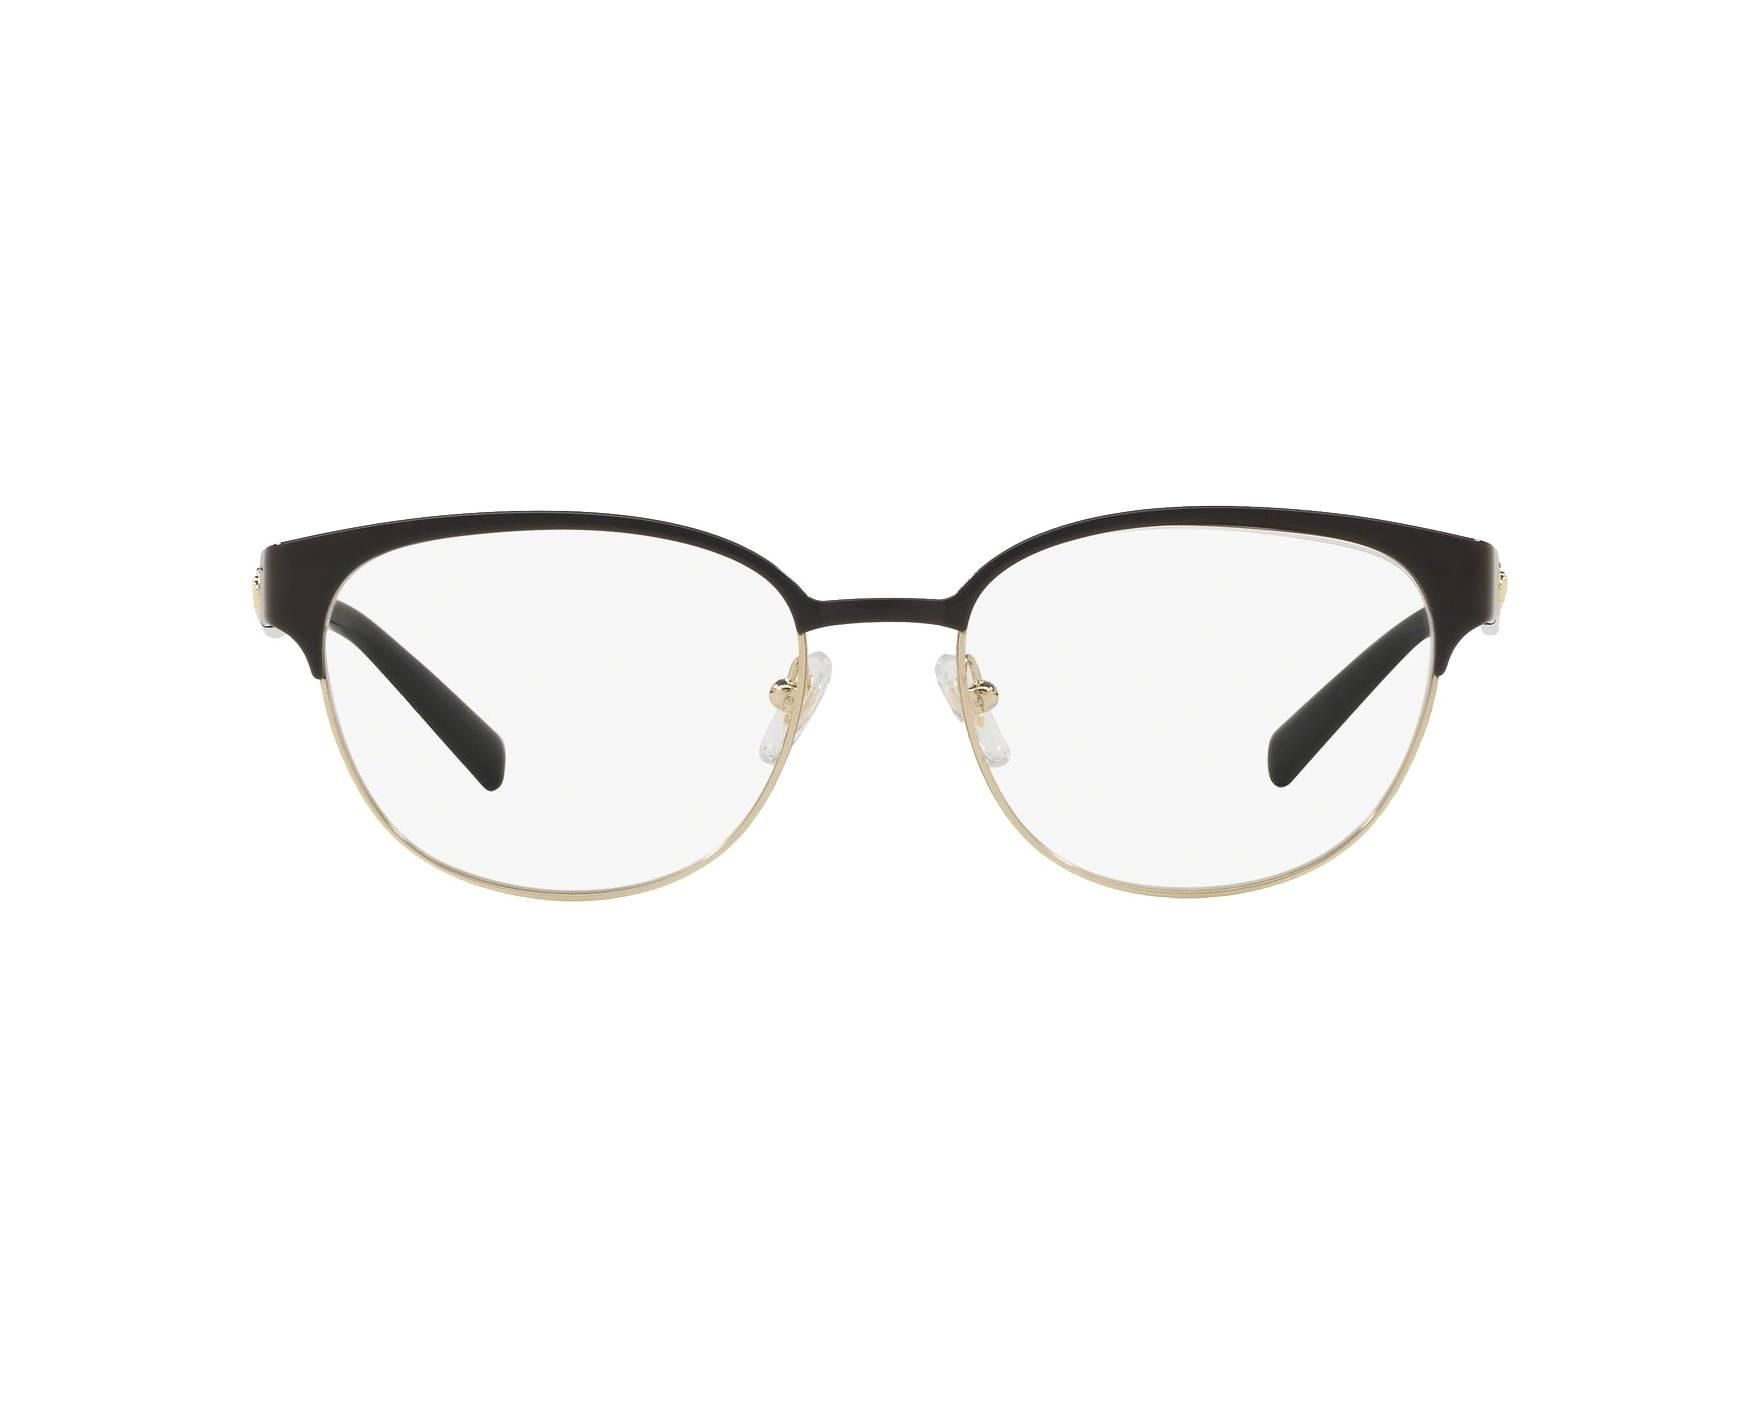 bc4aa49f2e Lunettes de vue Versace VE-1256 1371 53-17 Noir Or vue 360 degrés